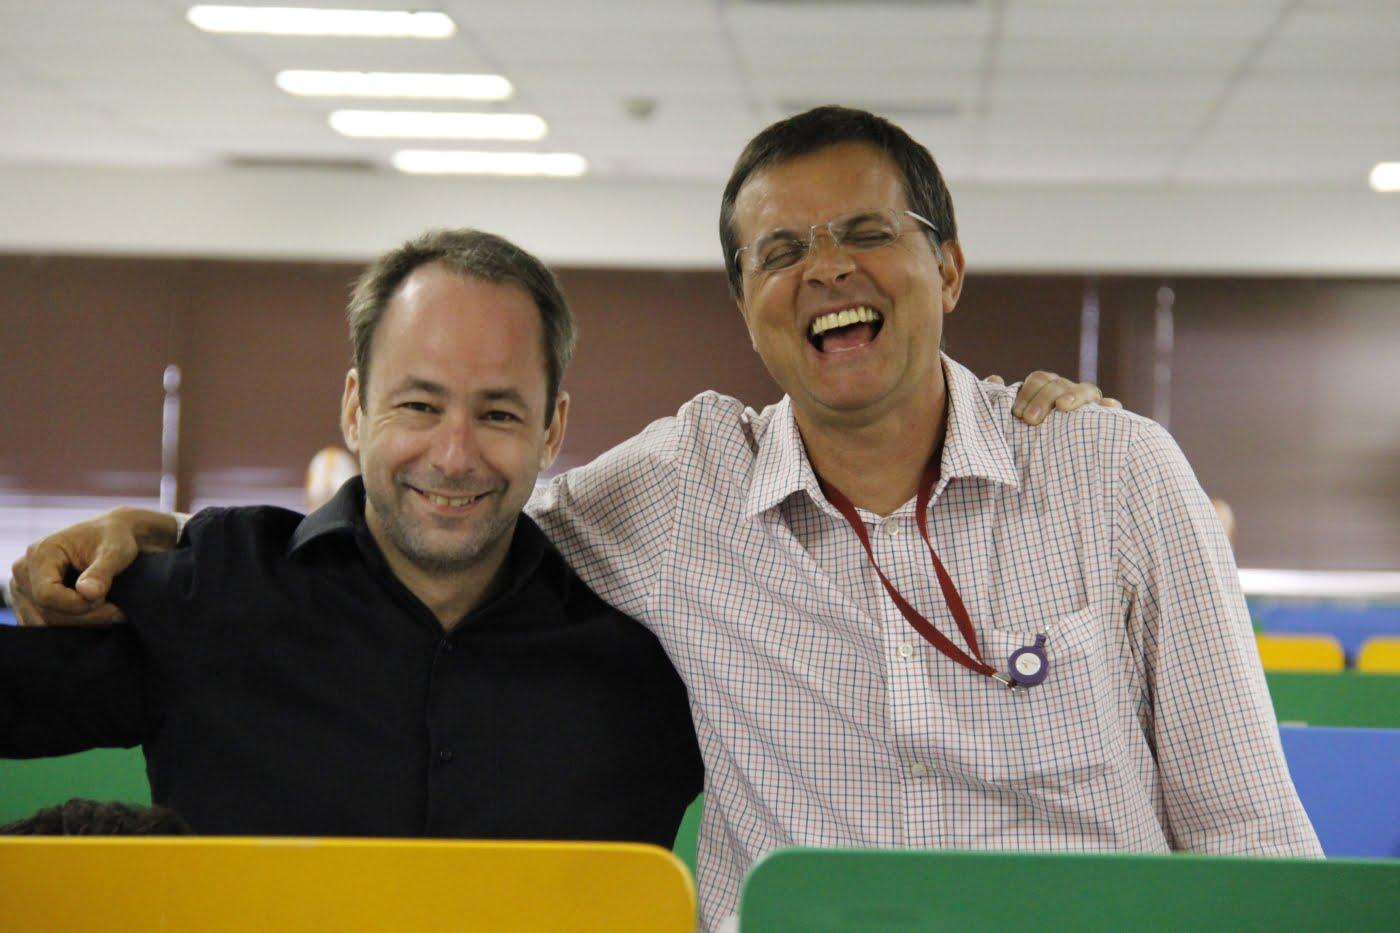 Bernardo e Pedro tiveram o otimismo como aliado para tirar a ClearSale do buraco.